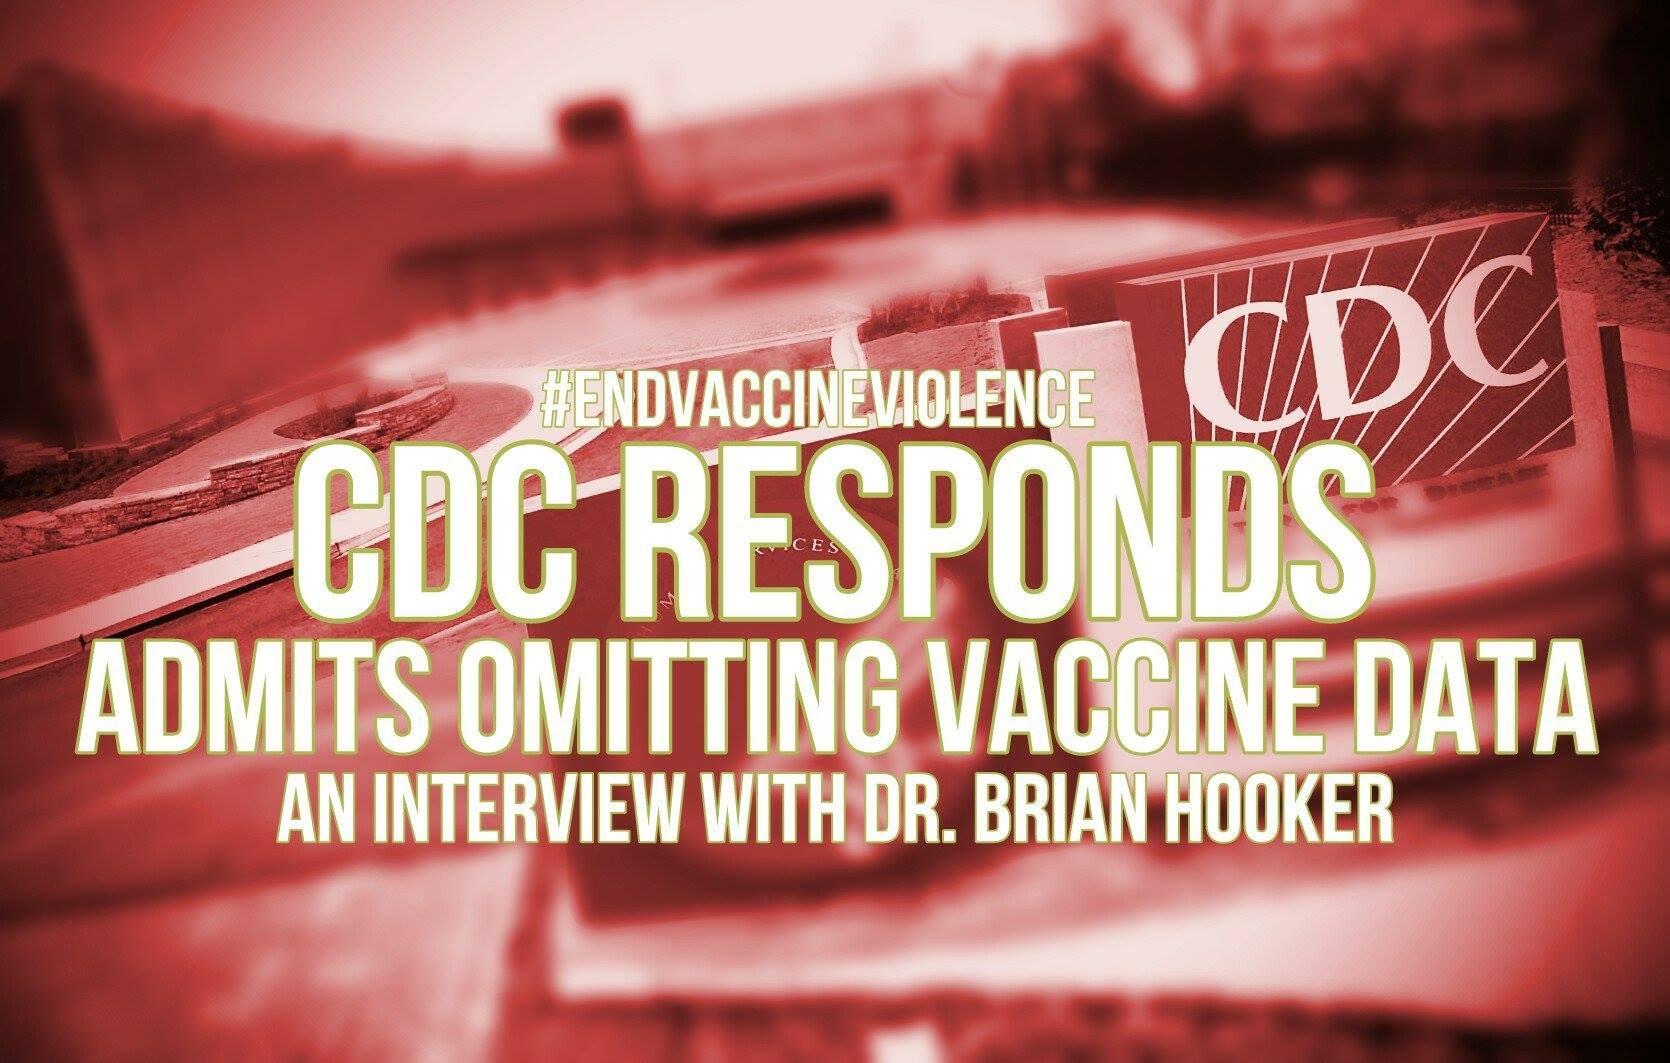 Vaccini e autismo: beccato il CDC !